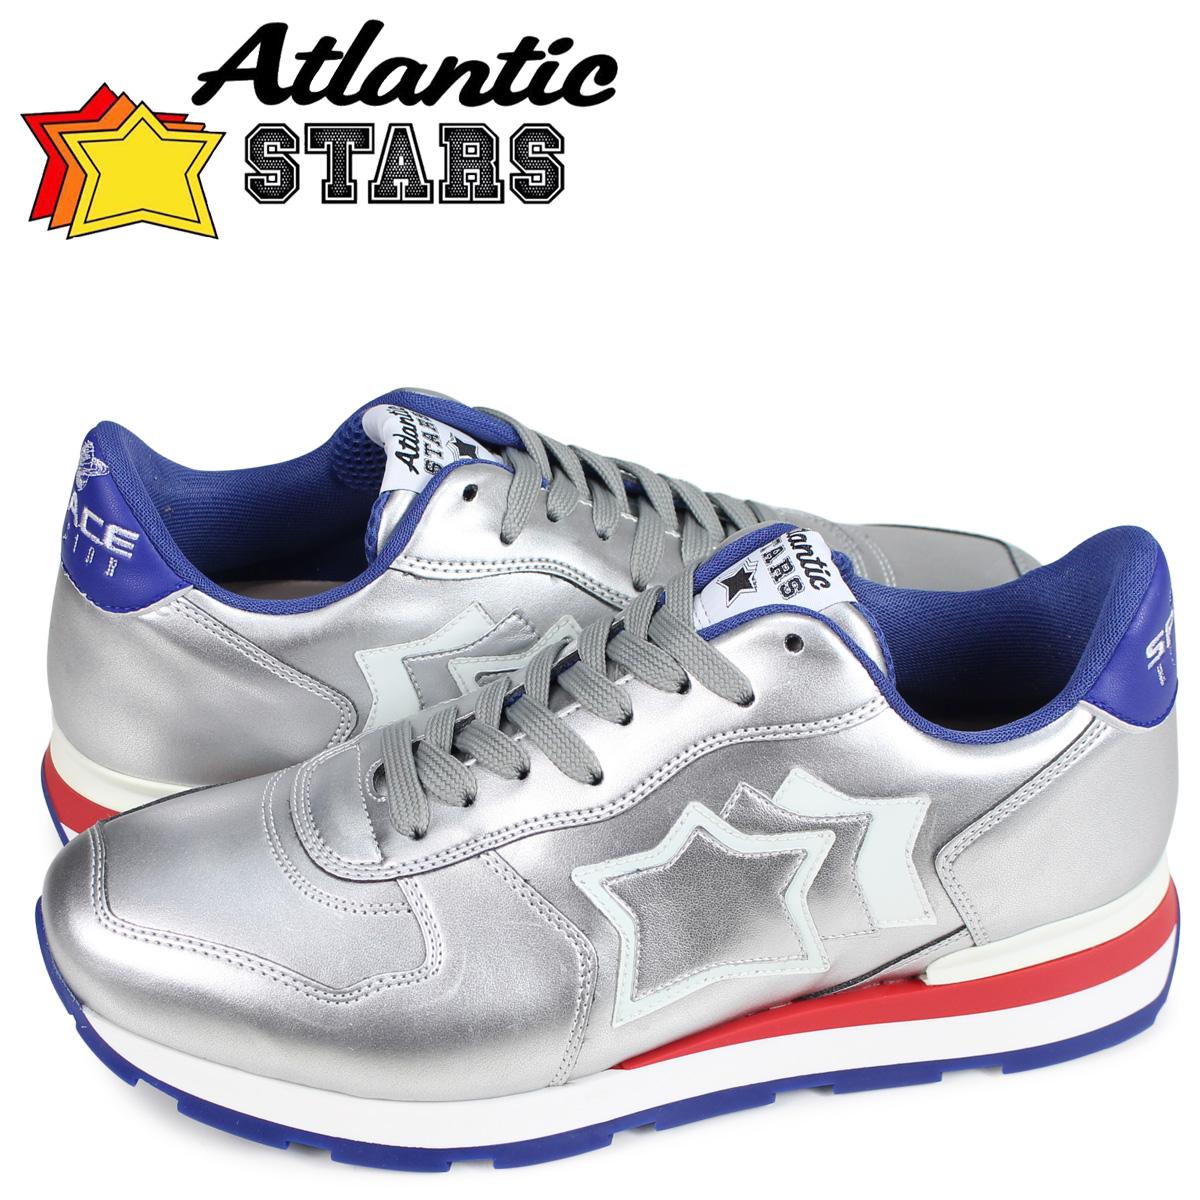 アトランティックスターズ Atlantic STARS アンタレス スニーカー メンズ ANTARES シルバー ARB-14B [4/13 追加入荷]